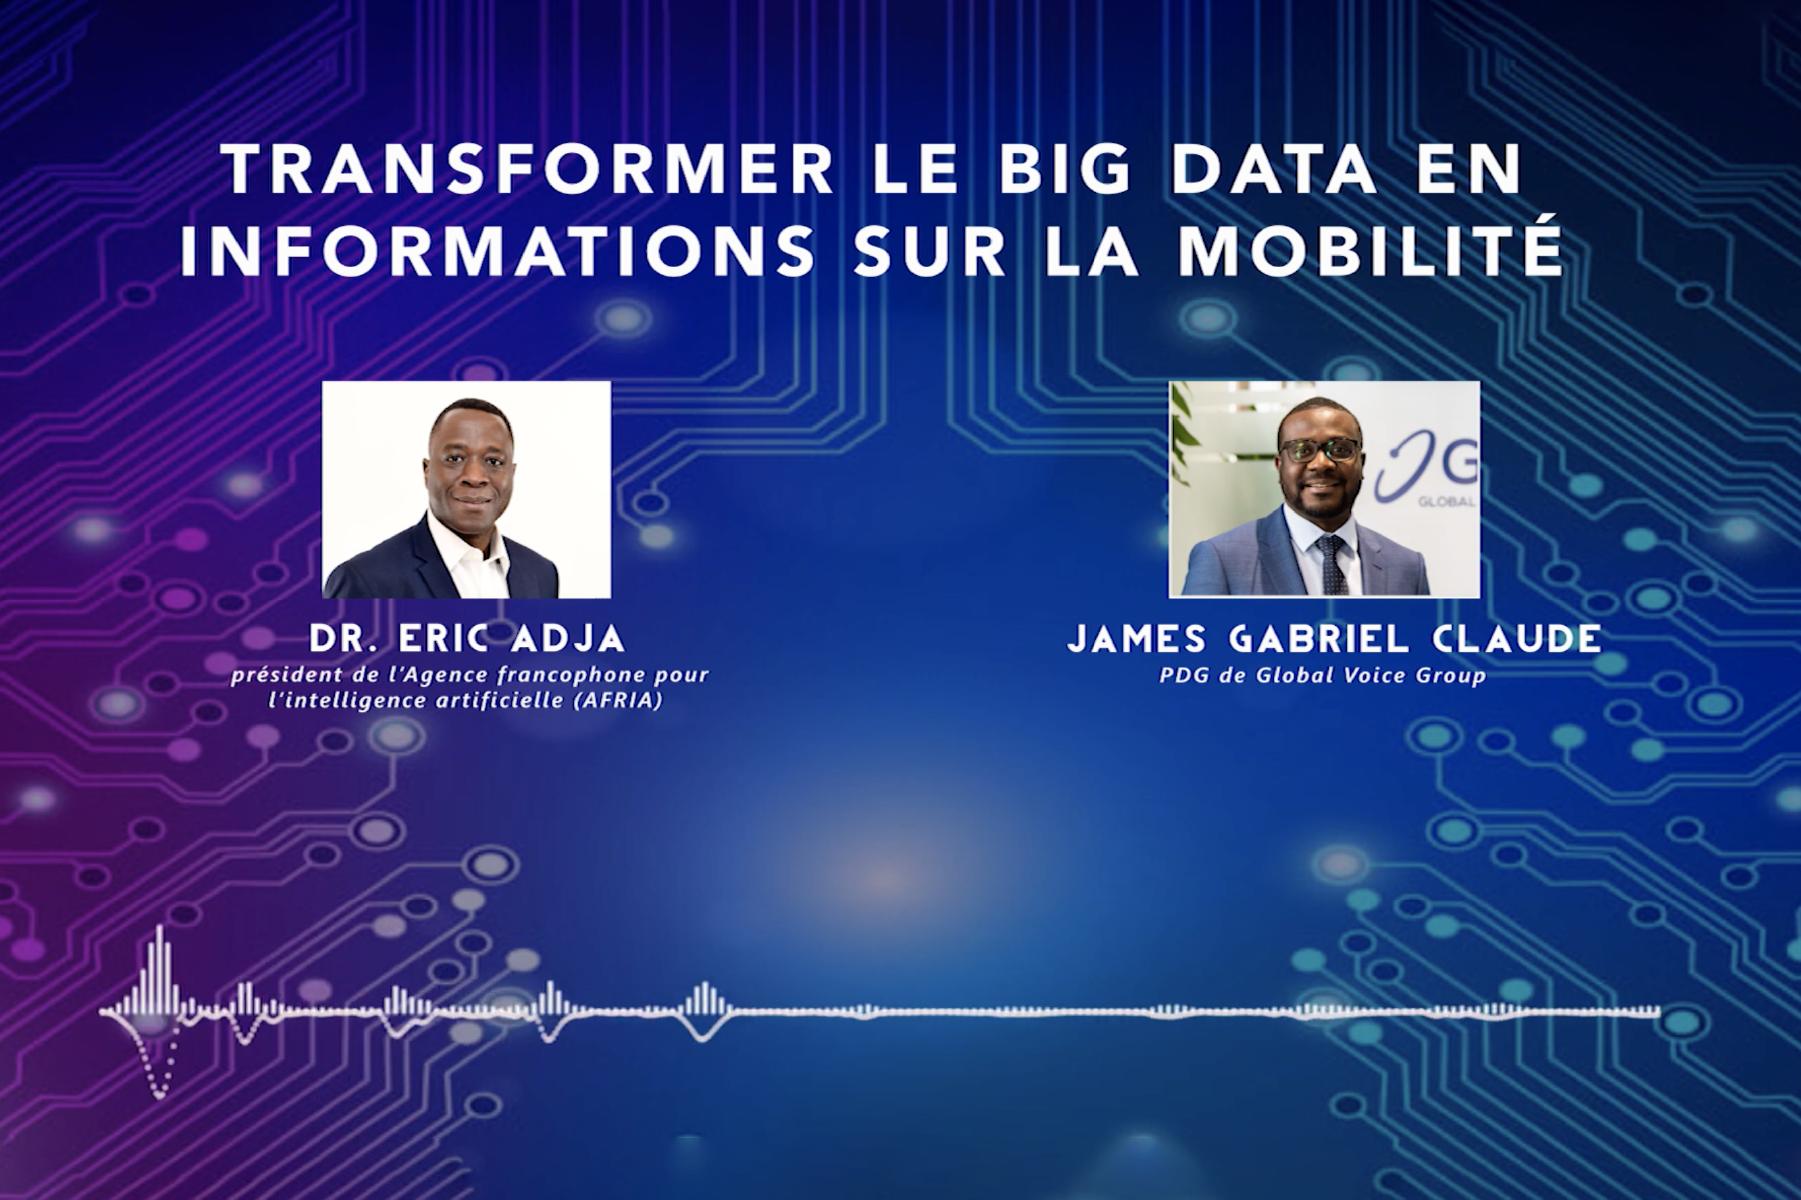 Transformer les Big data en information sur la mobilité